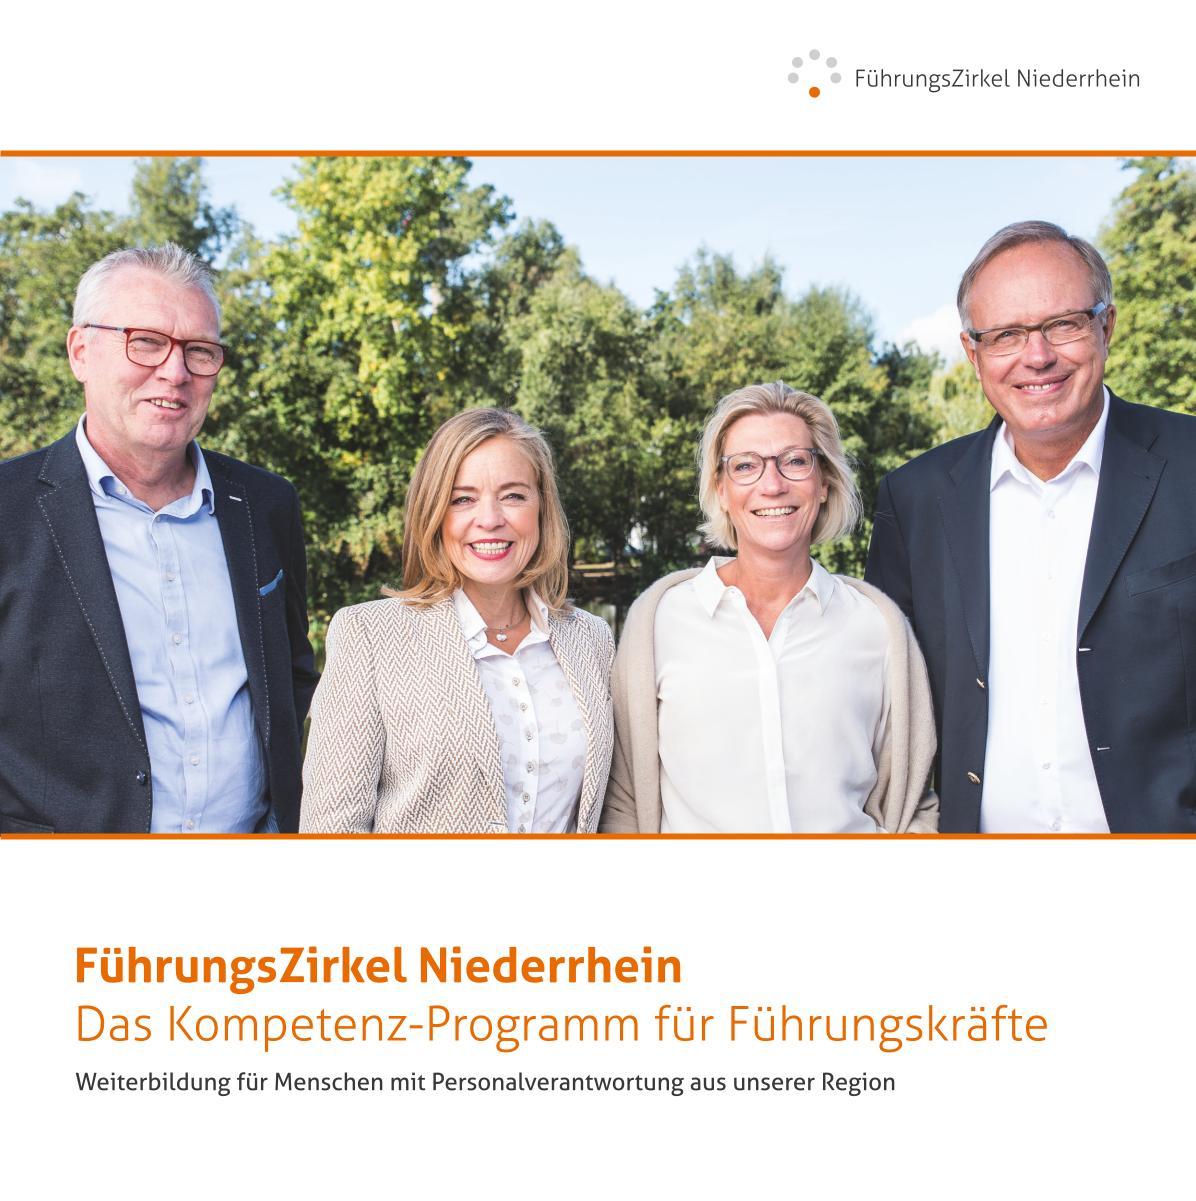 Titelseite Prospekt Führungszirkel Niederrhein: Das Kompetenz-Programm für Führungskräfte